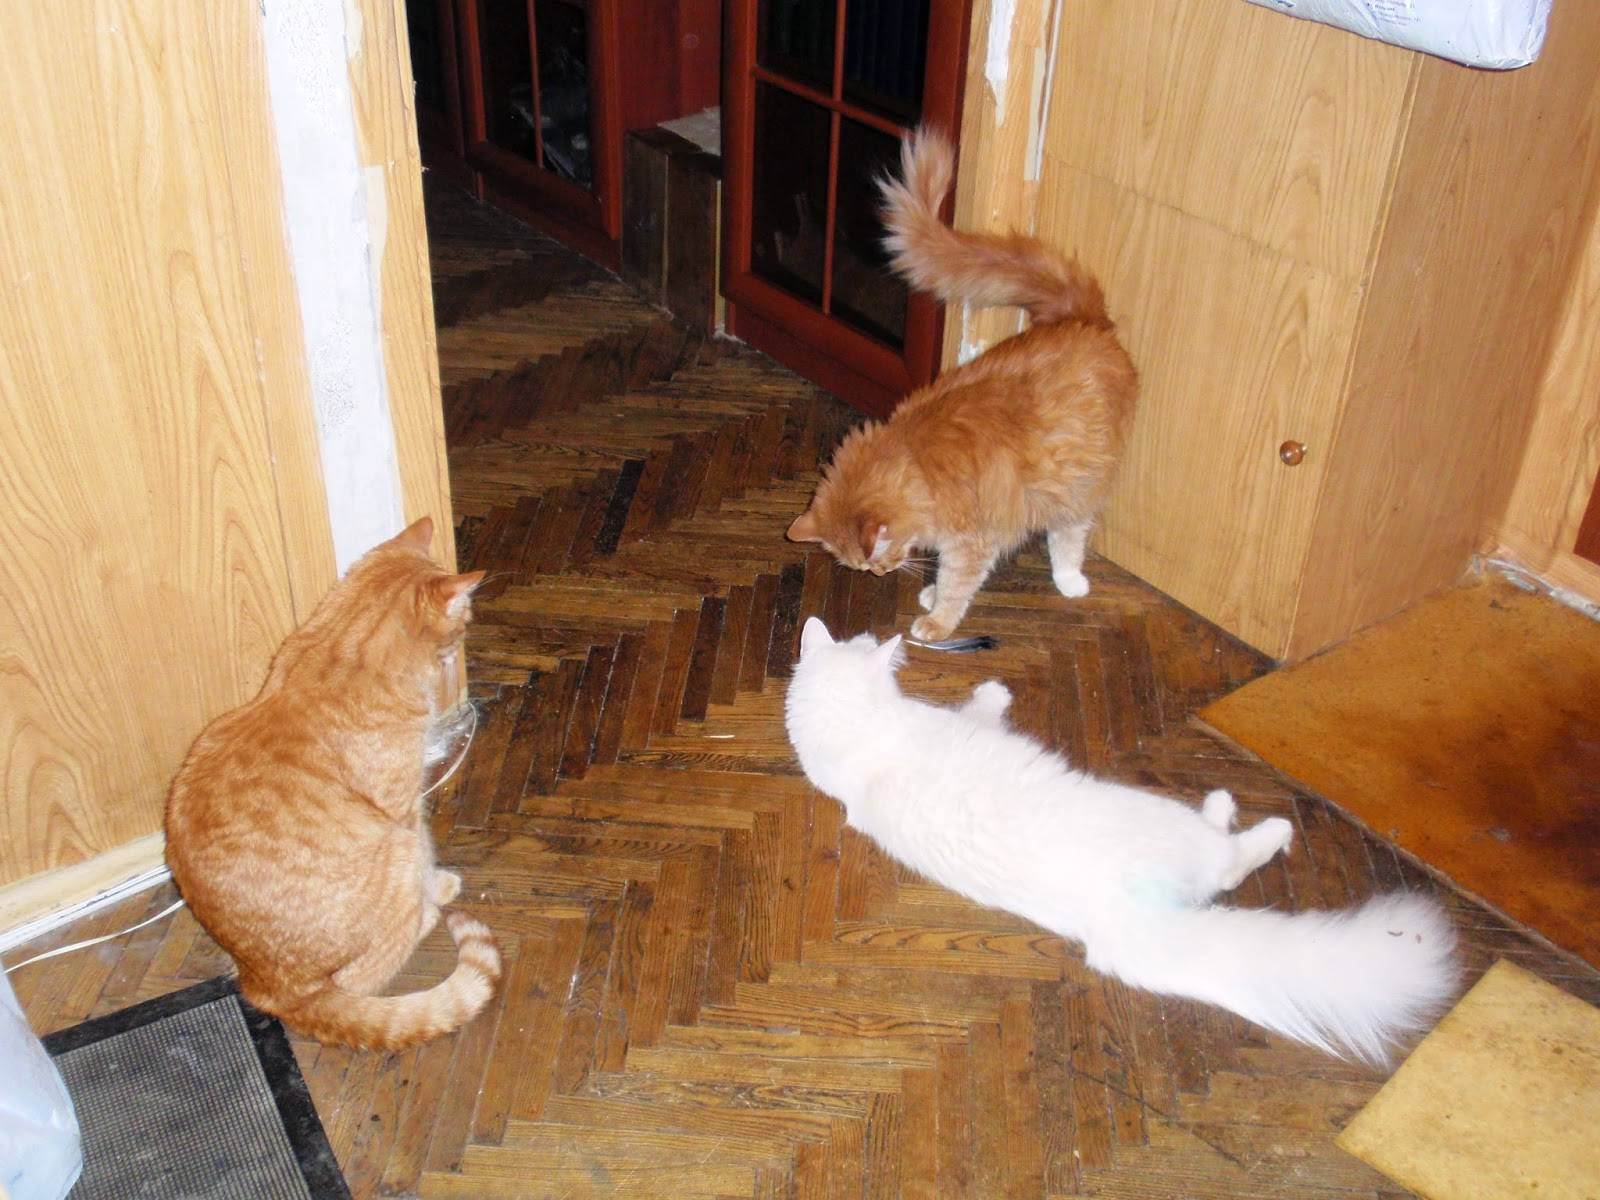 Кошки и их хозяева: любят ли коты своих хозяев и скучают ли по ним? как кошки выражают любовь и лечат ли людей?